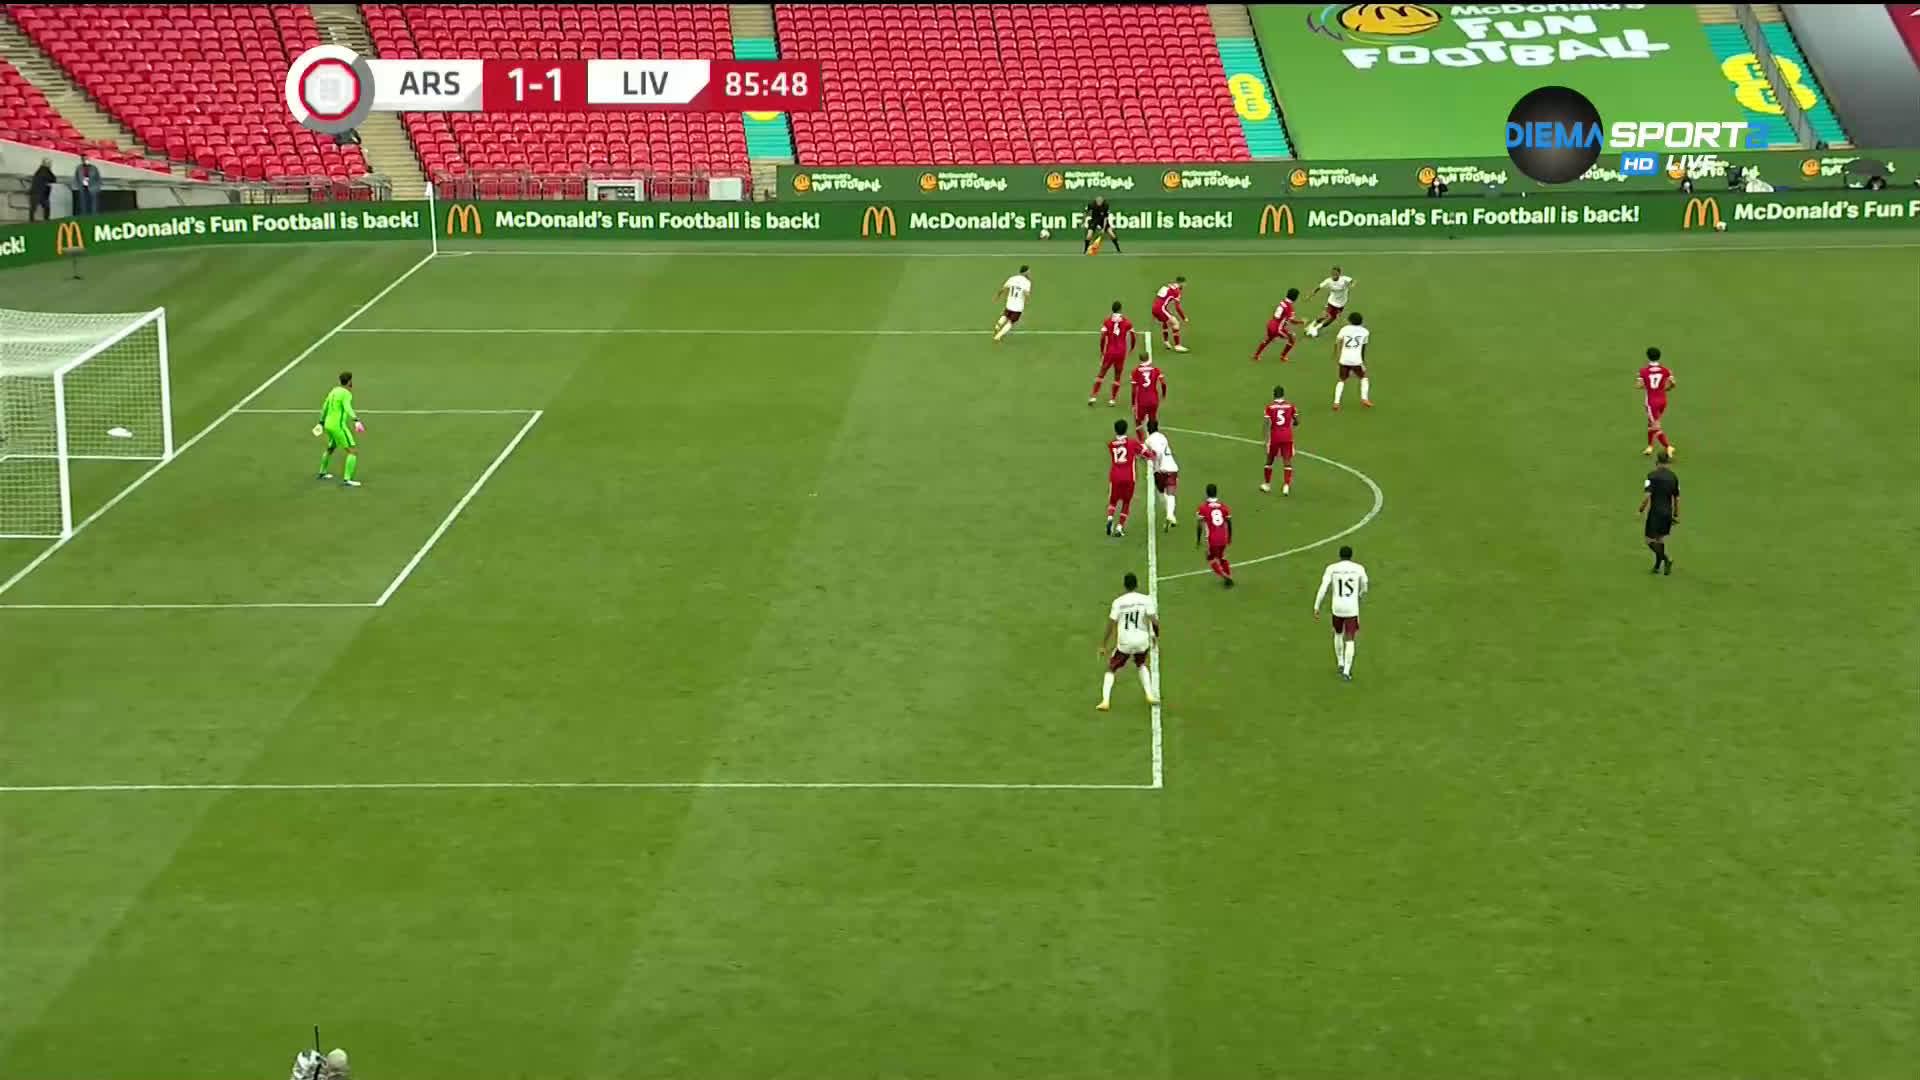 Арсенал - Ливърпул 1:1 /5:4 след дузпи/